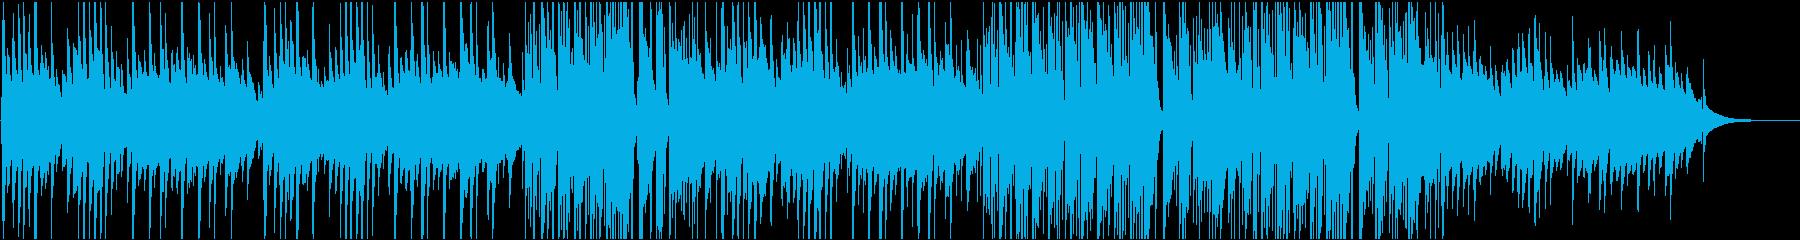 エンディング映像にピアノ ほっこり優しいの再生済みの波形